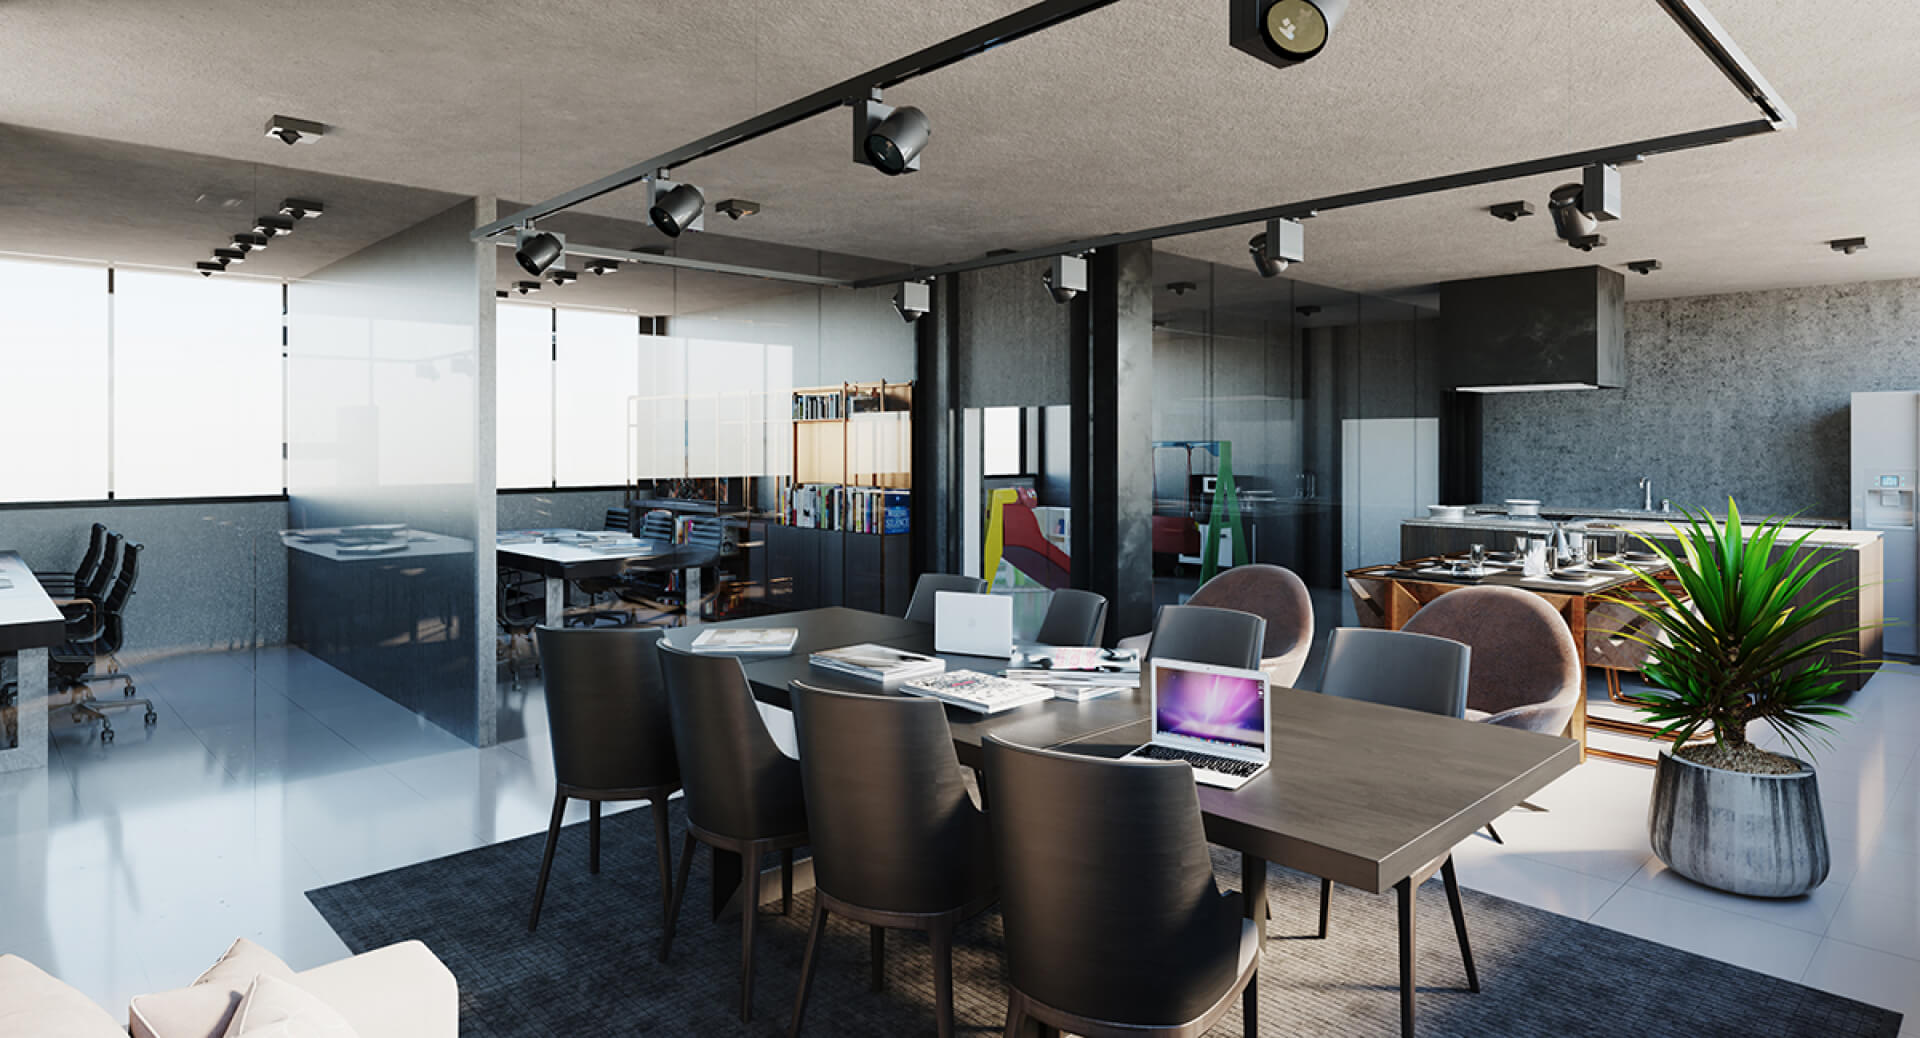 Studio V - Ininga, foto 5